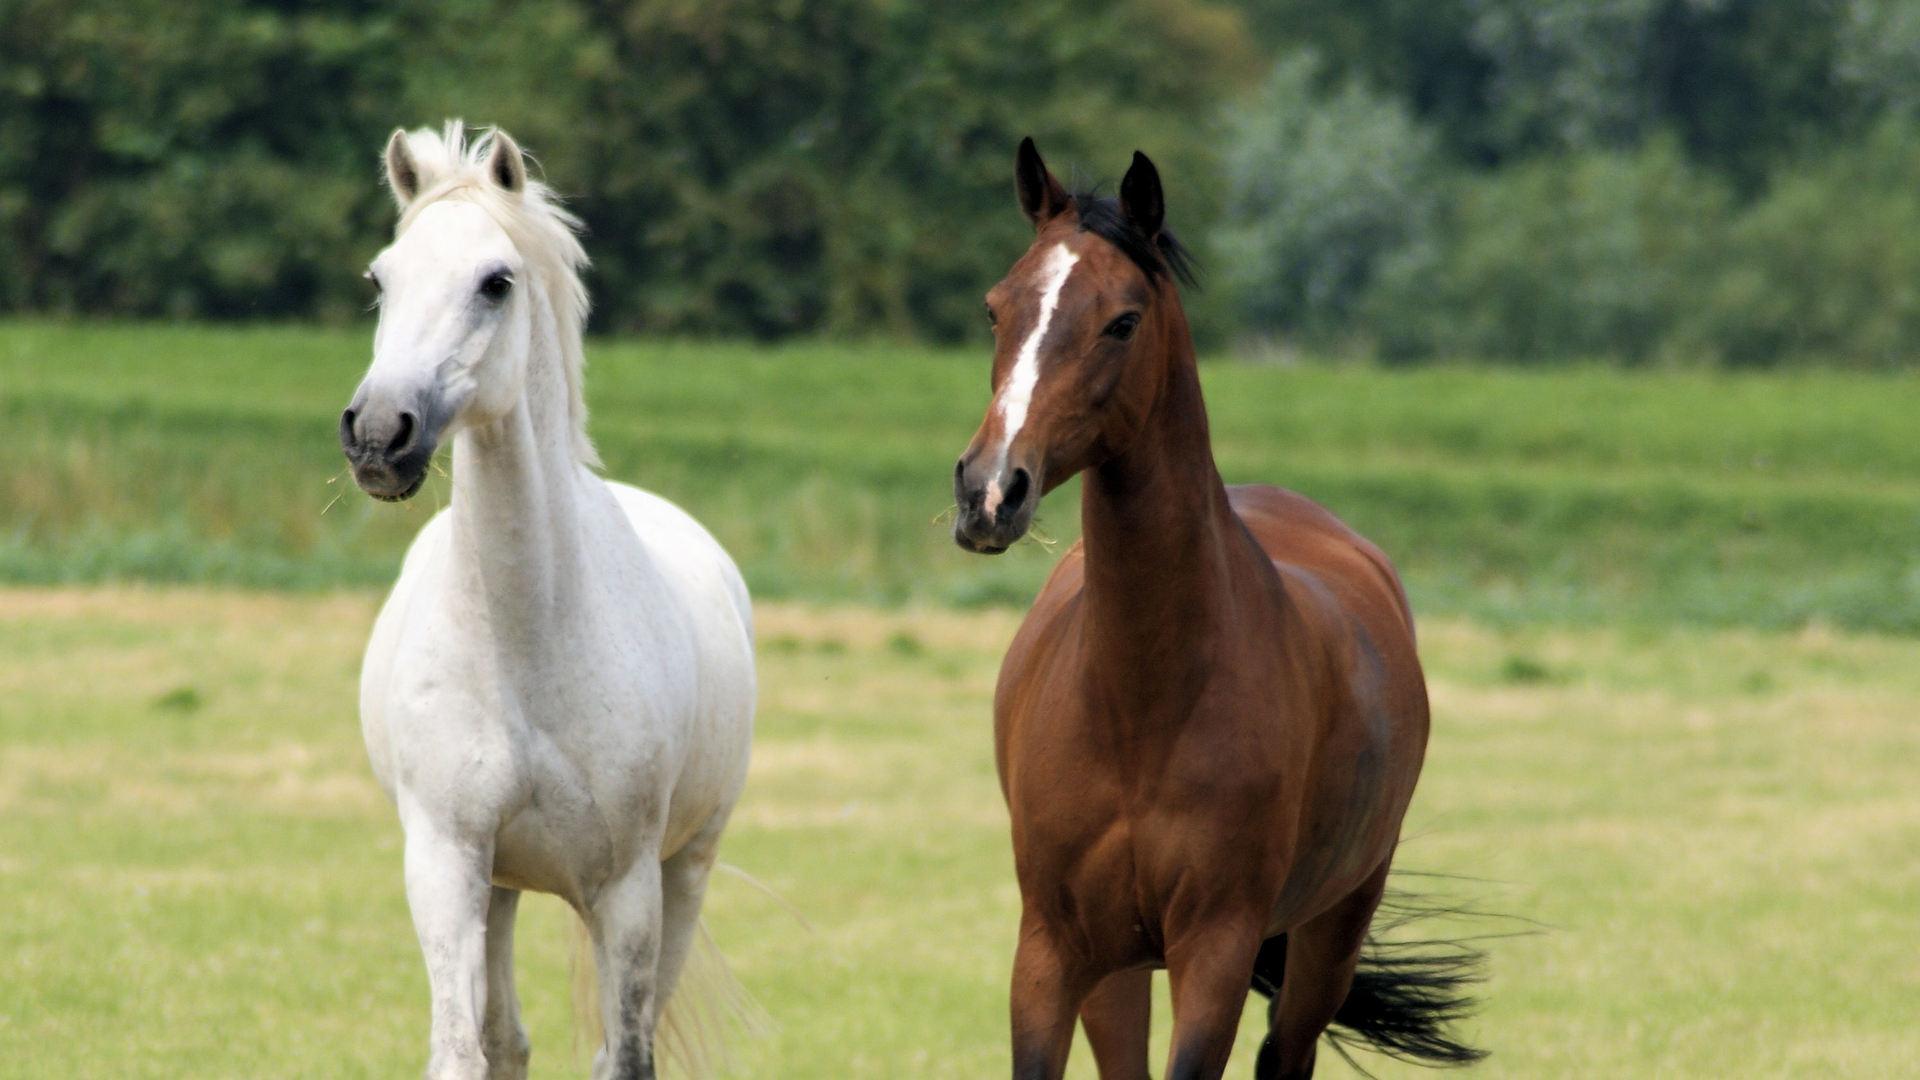 صوره زمن الخيول البيضاء , فرس ابيض عربي